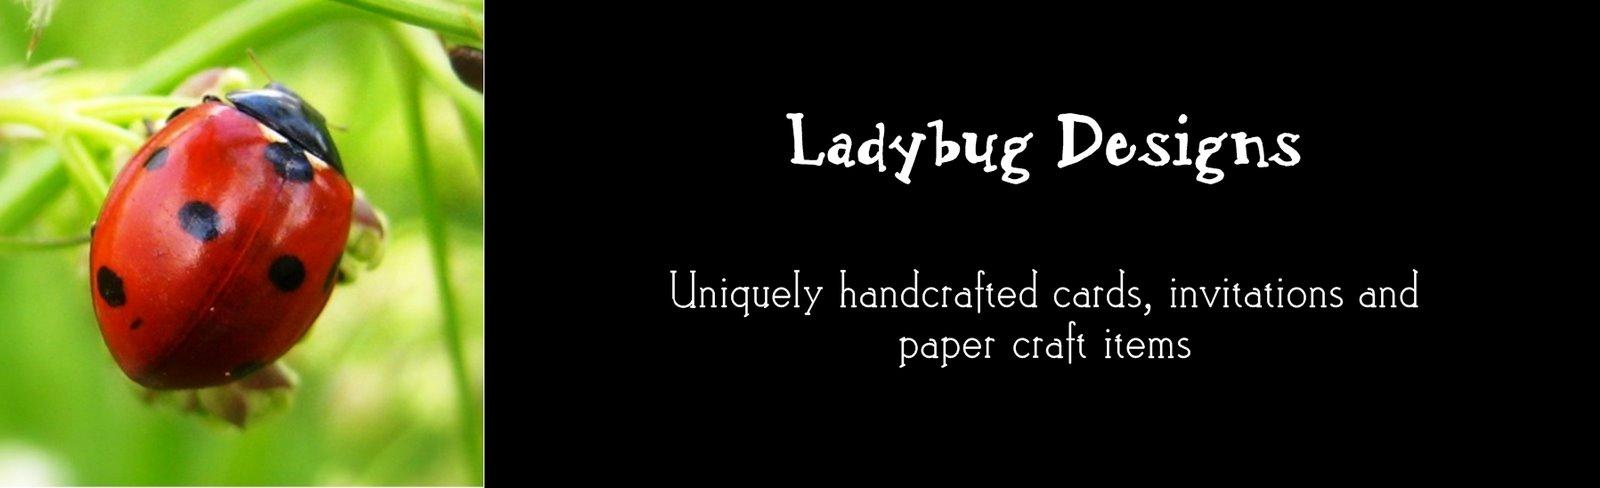 Ladybug Designs